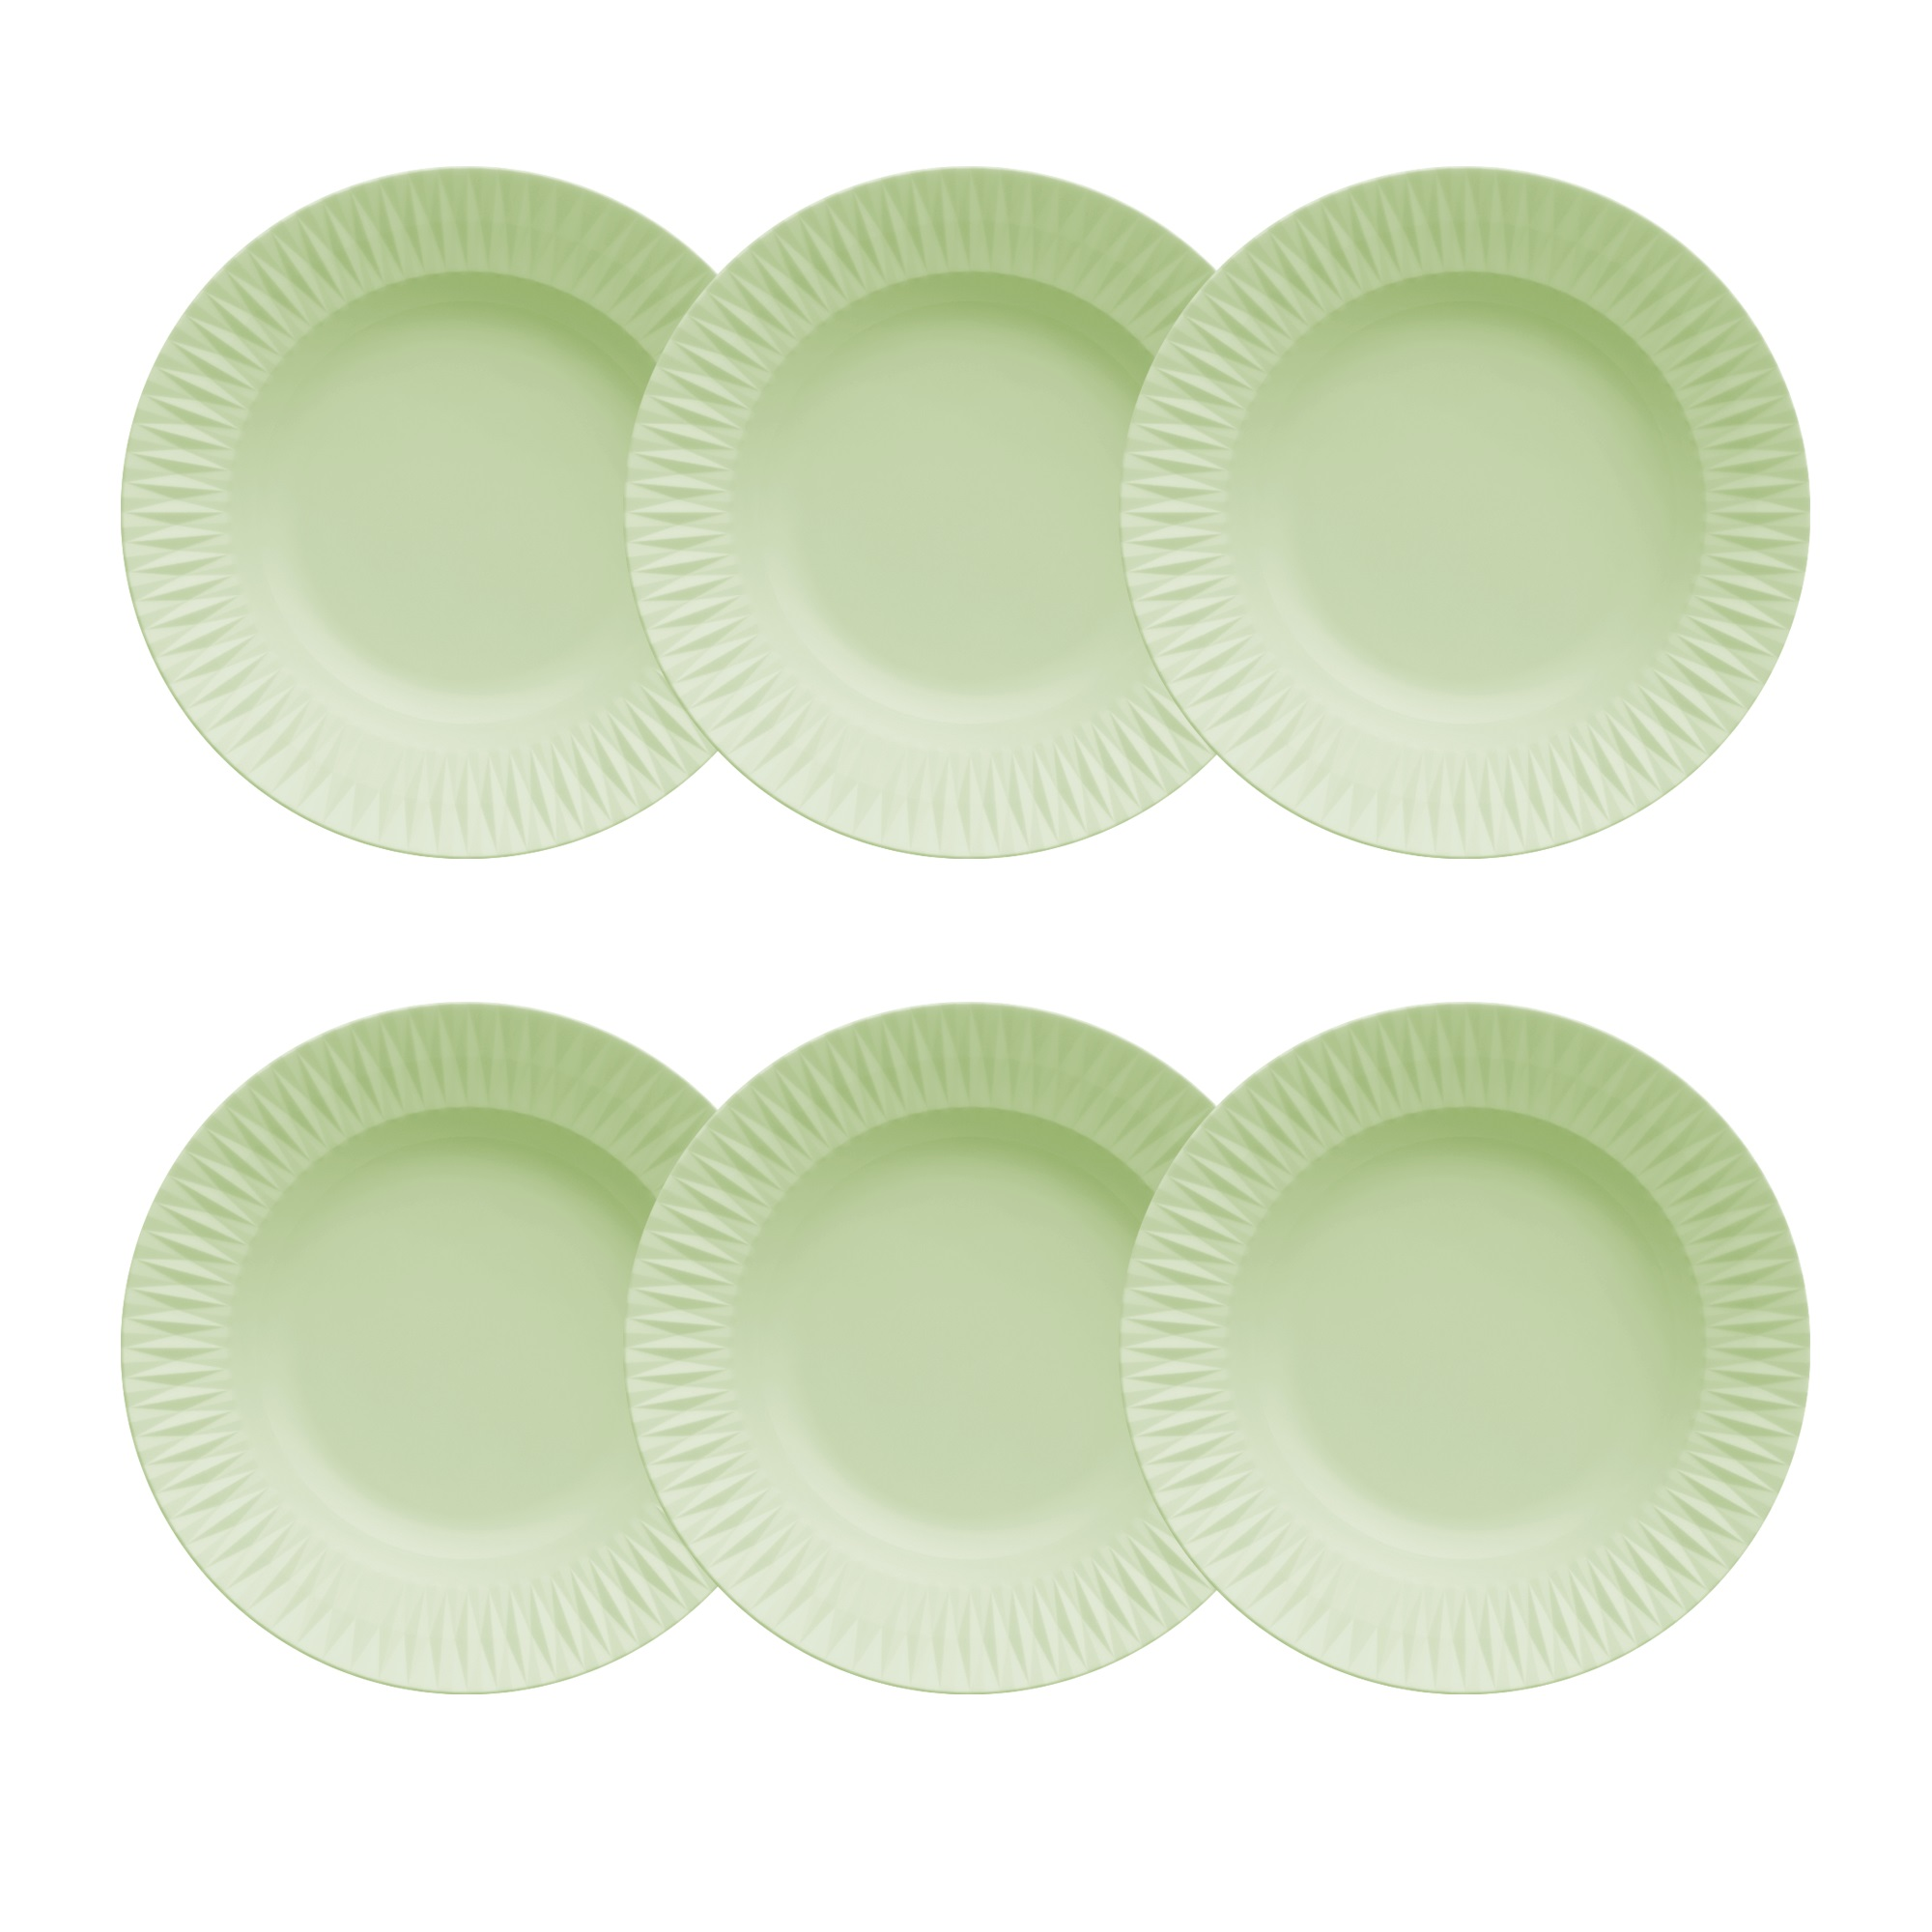 Jogo de 6 Pratos Fundos 23cm Verde Menta Diamante Germer Porcelanas